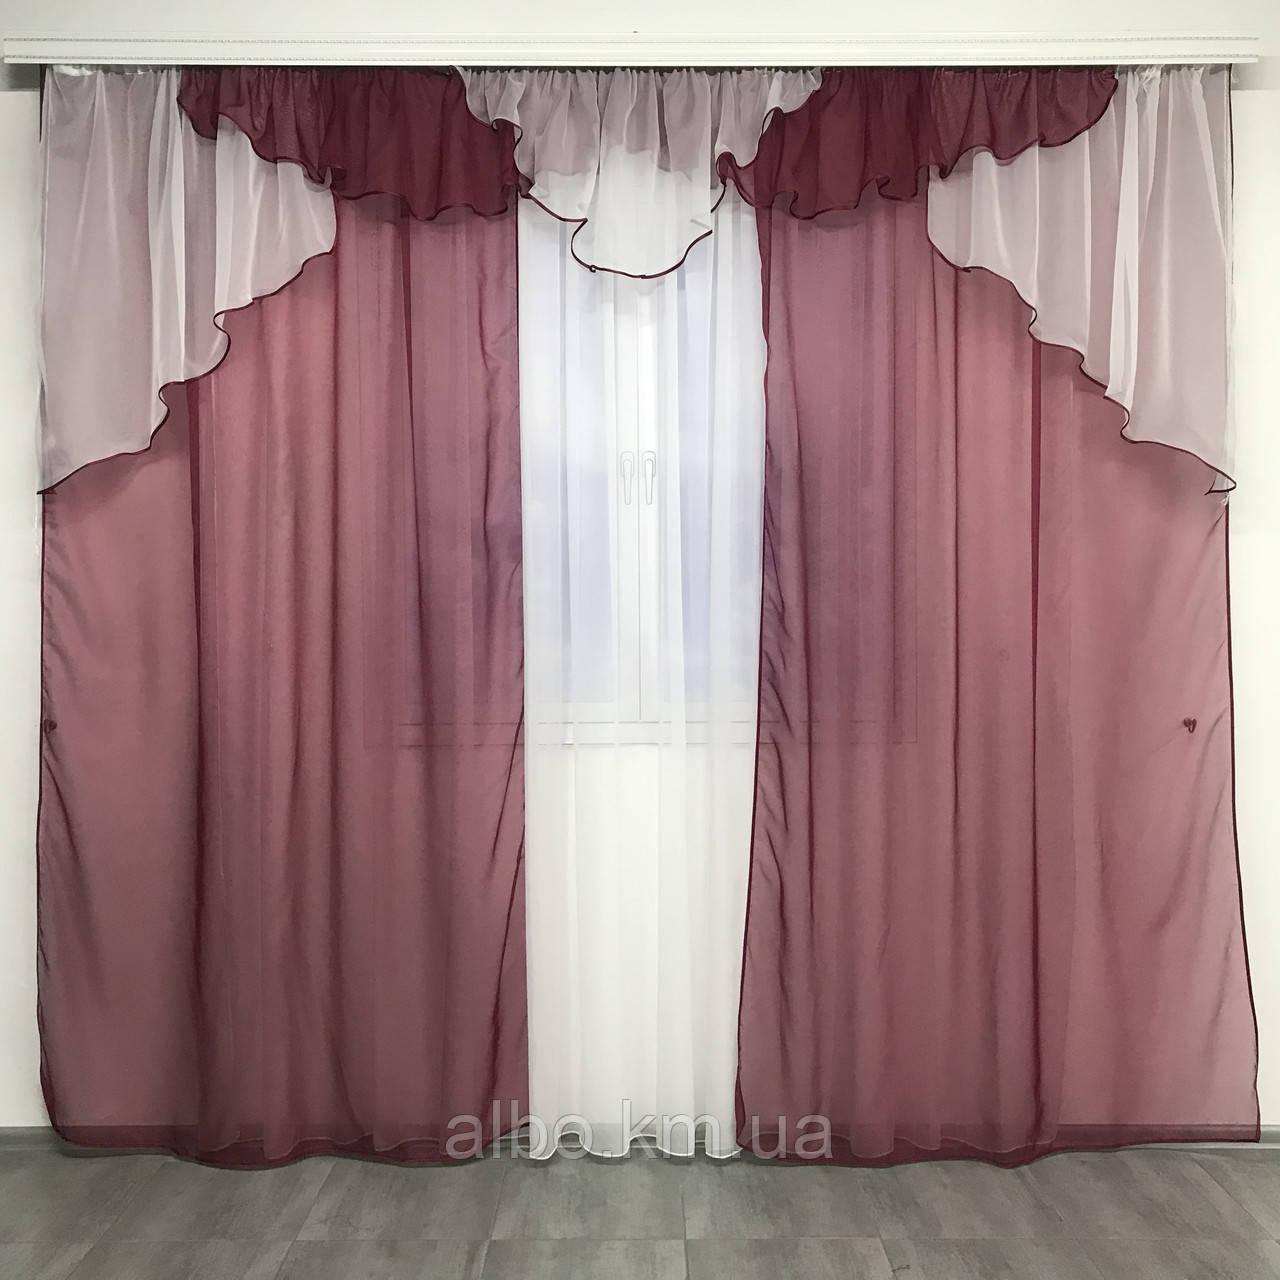 Однотонні штори для залу будинку вітальні, готові штори для будинку кухні квартири з ламбрекеном, набір штор і ламбрекен в кімнату